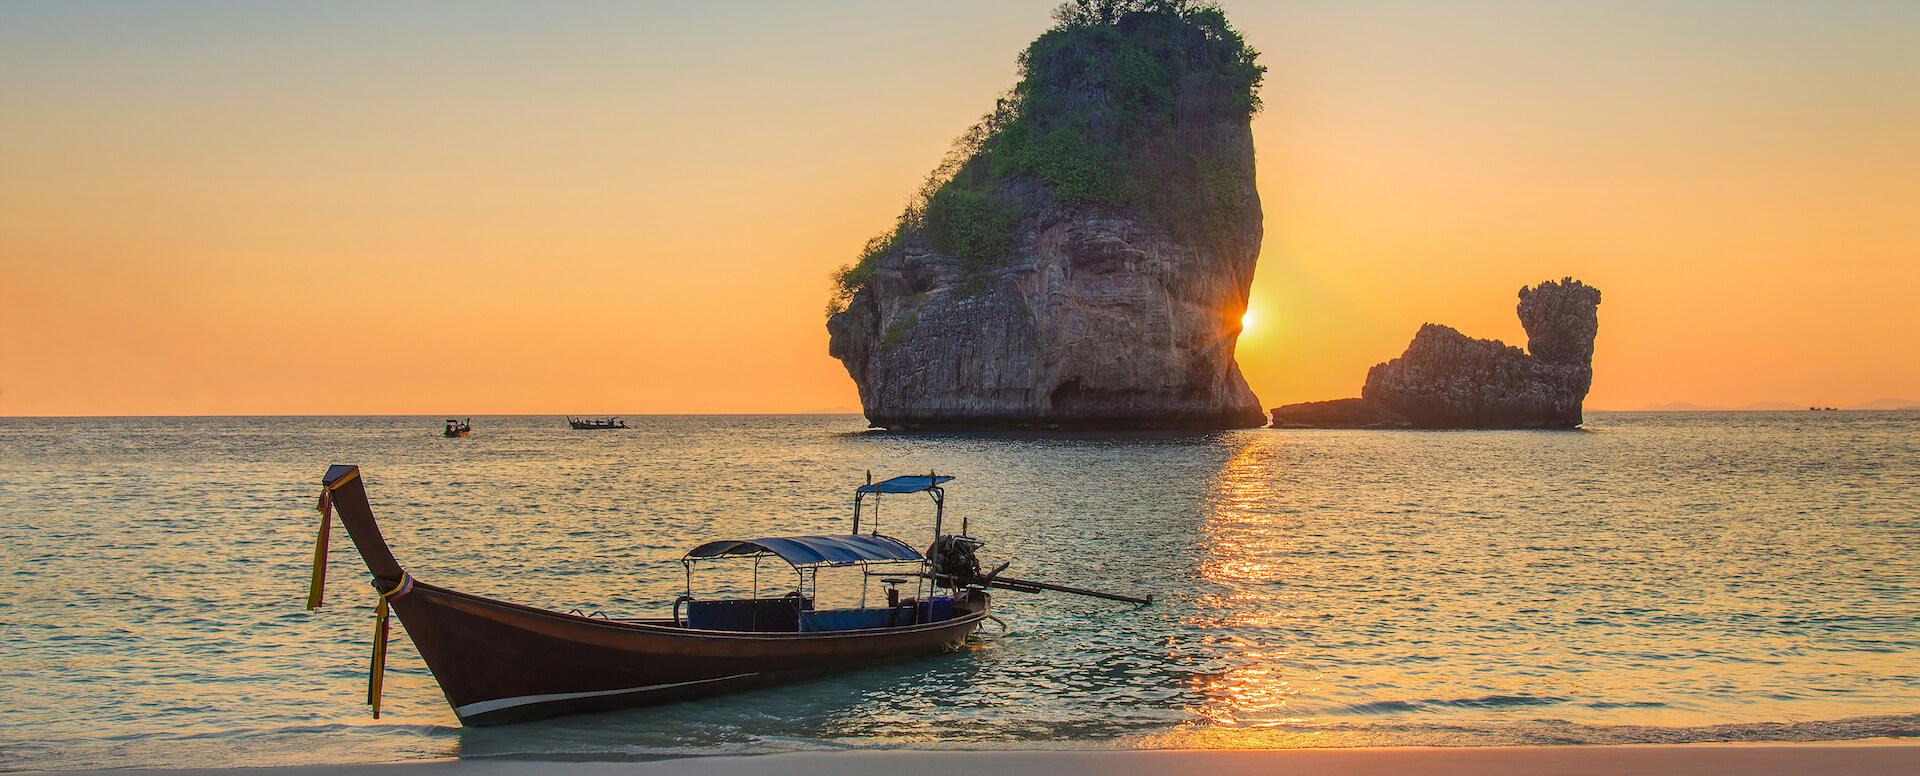 Nui Bay beach - Ko Lanta - Thailand